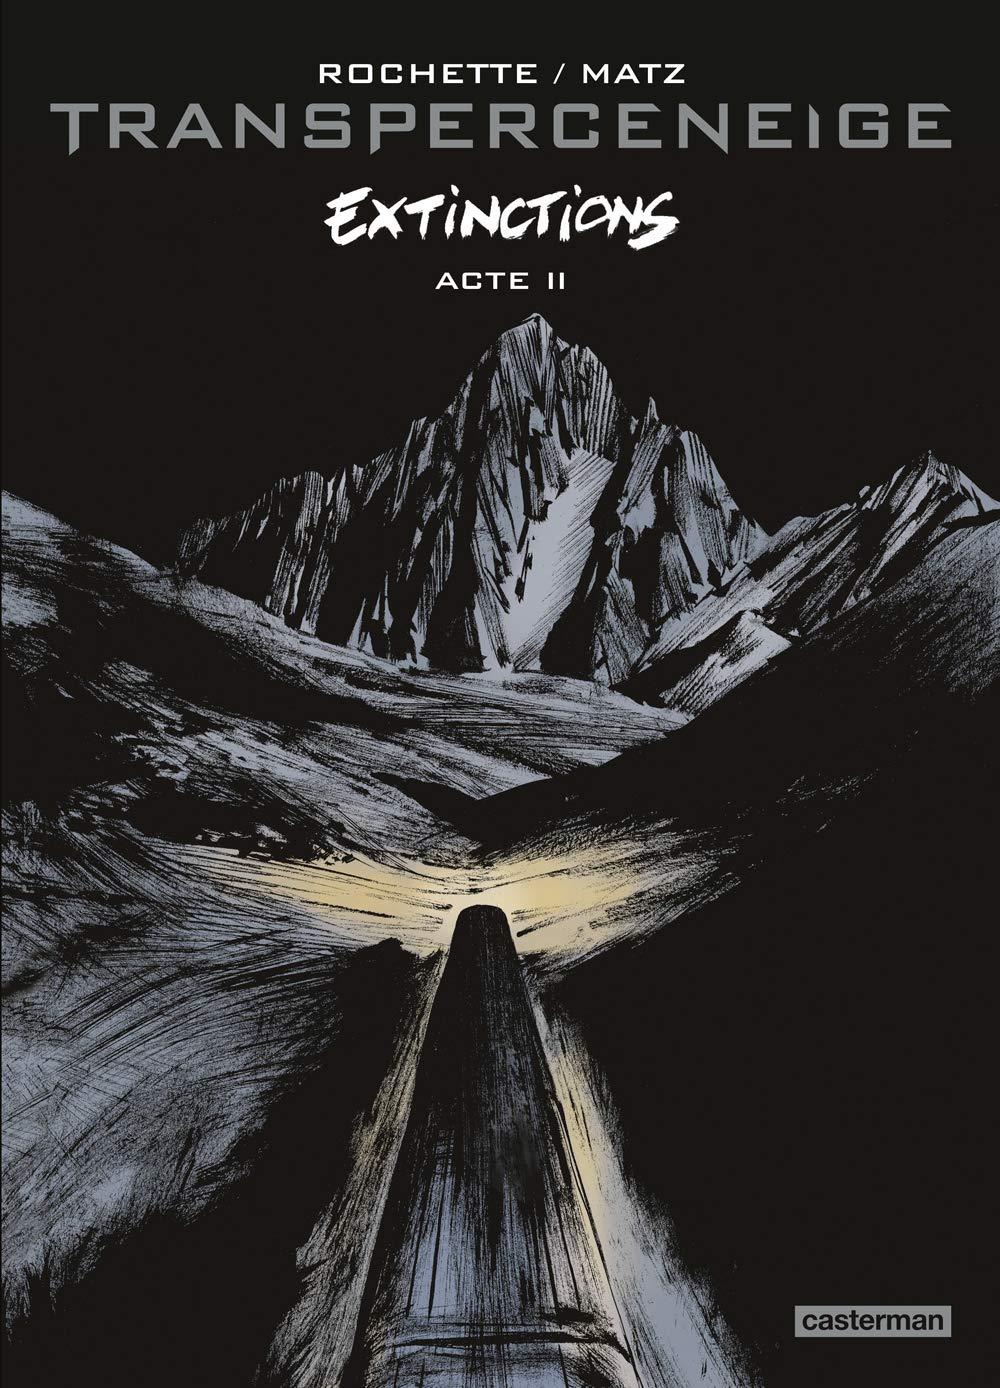 transceperceneige_extinctions_2_couv